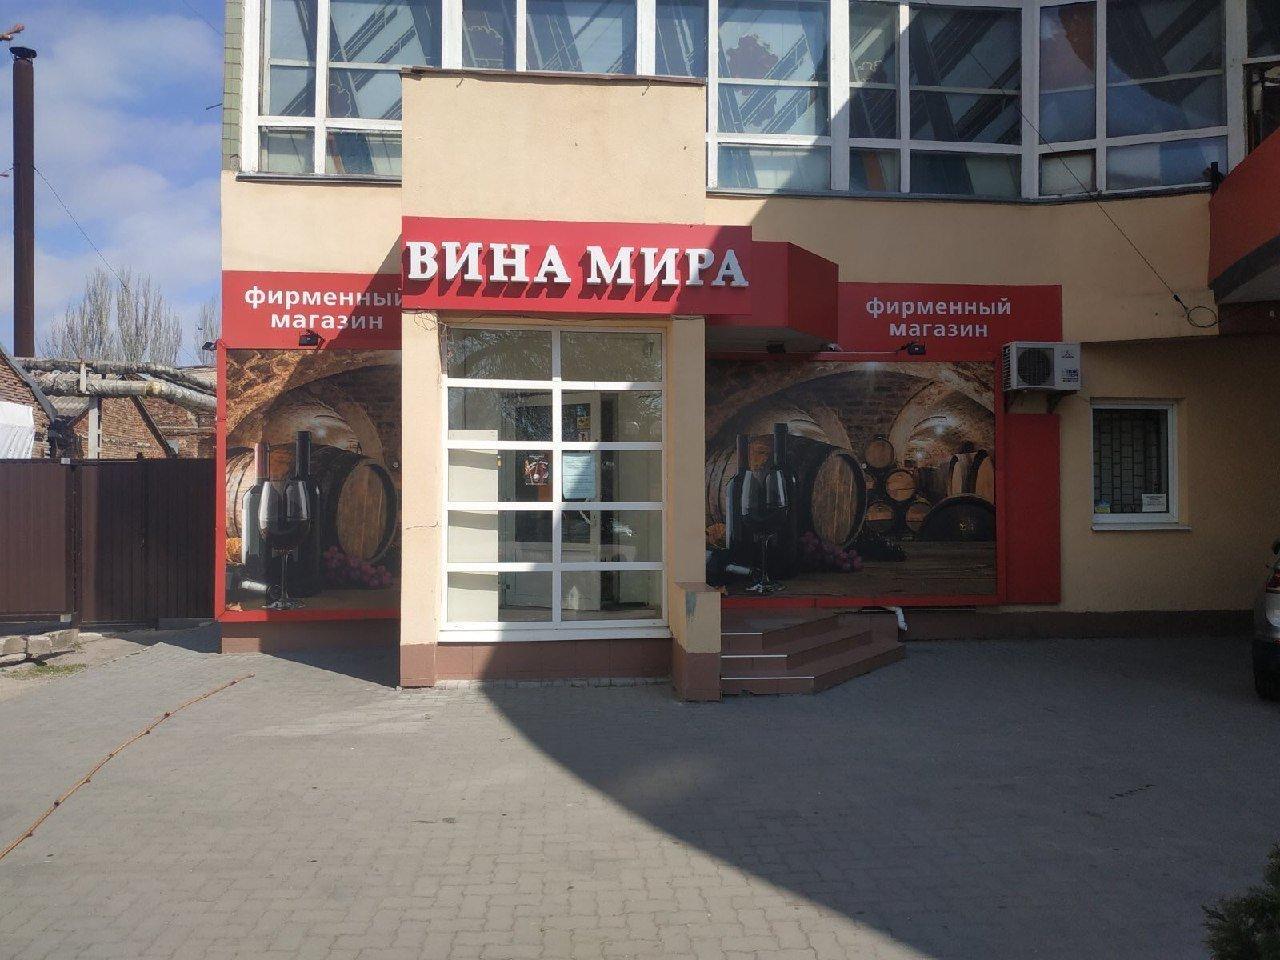 Помічник для мандрівників - гід по Бердянську!, фото-91